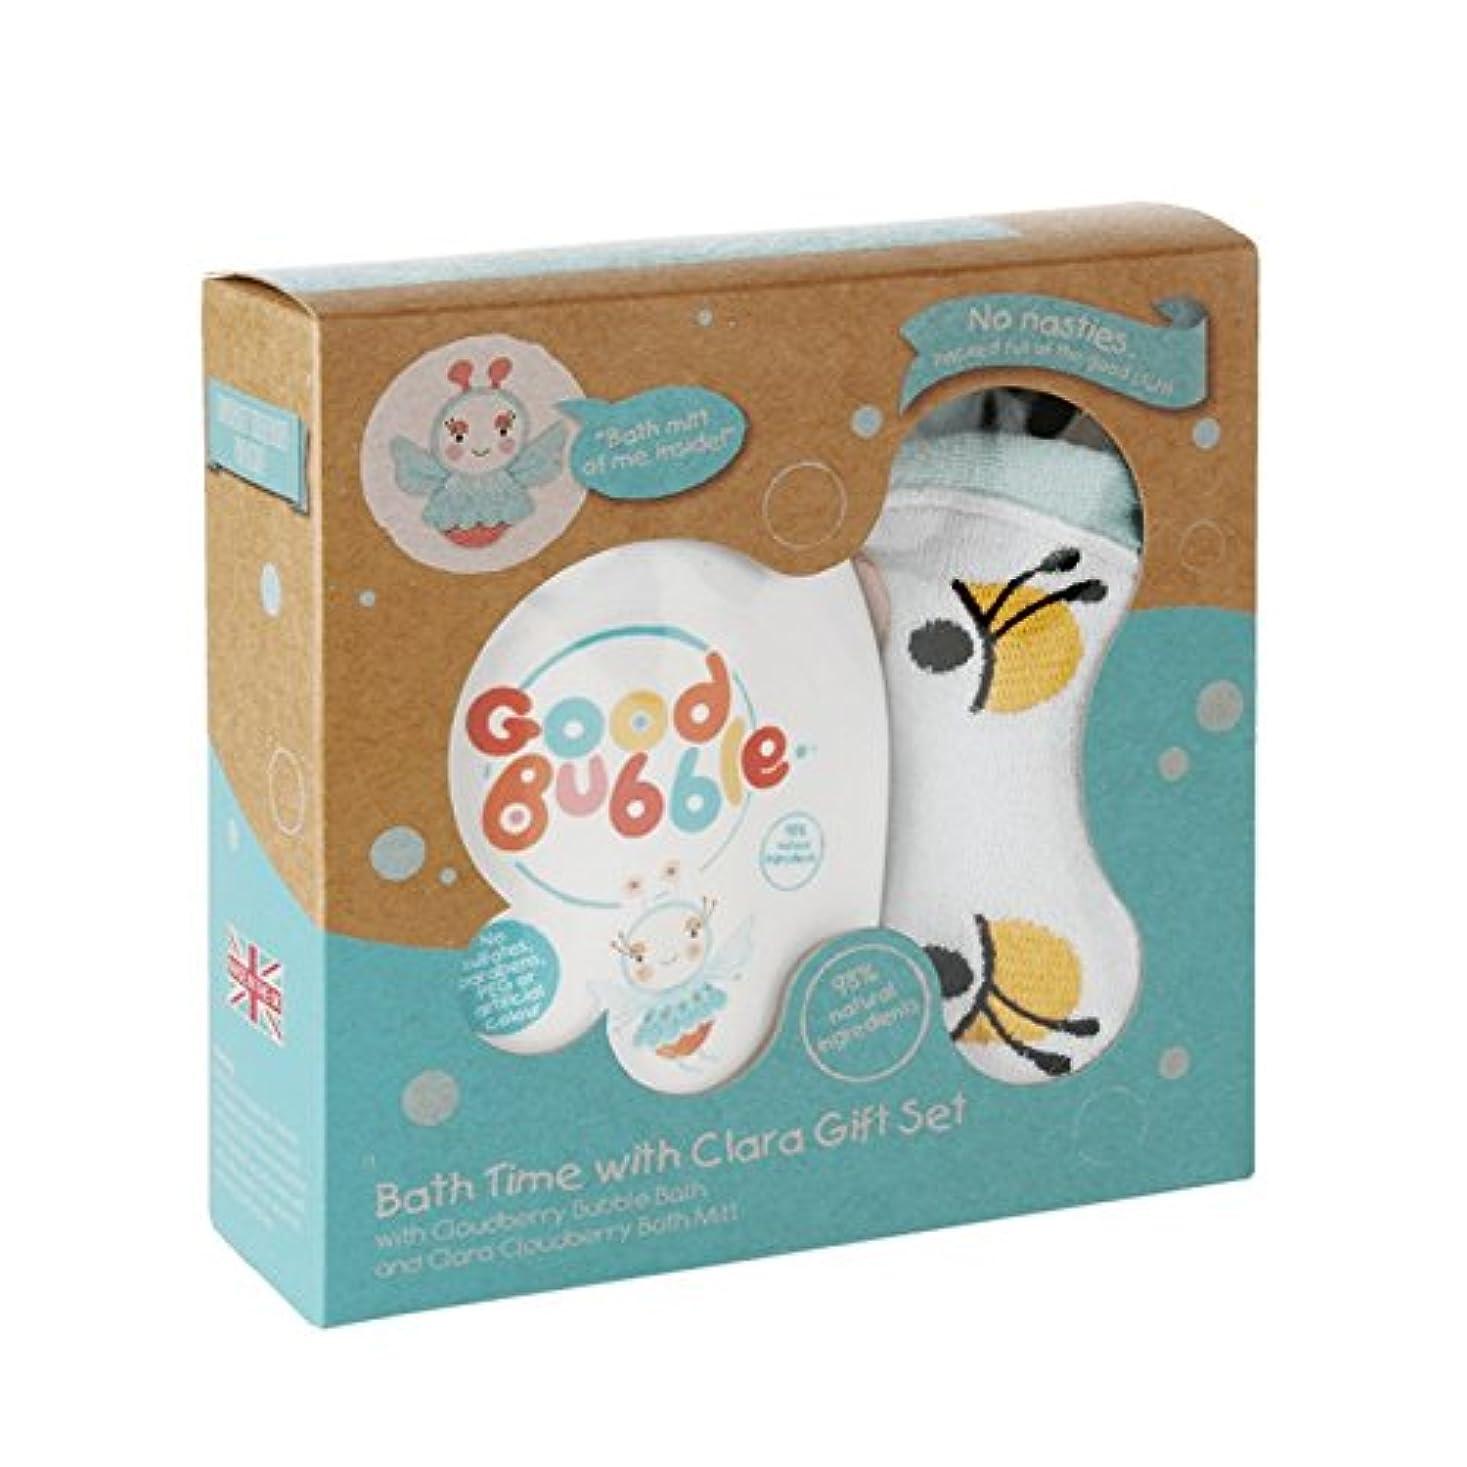 記録テレビ局インシュレータ良いバブルクララクラウドベリーギフトセット550グラム - Good Bubble Clara Cloudberry Gift Set 550g (Good Bubble) [並行輸入品]